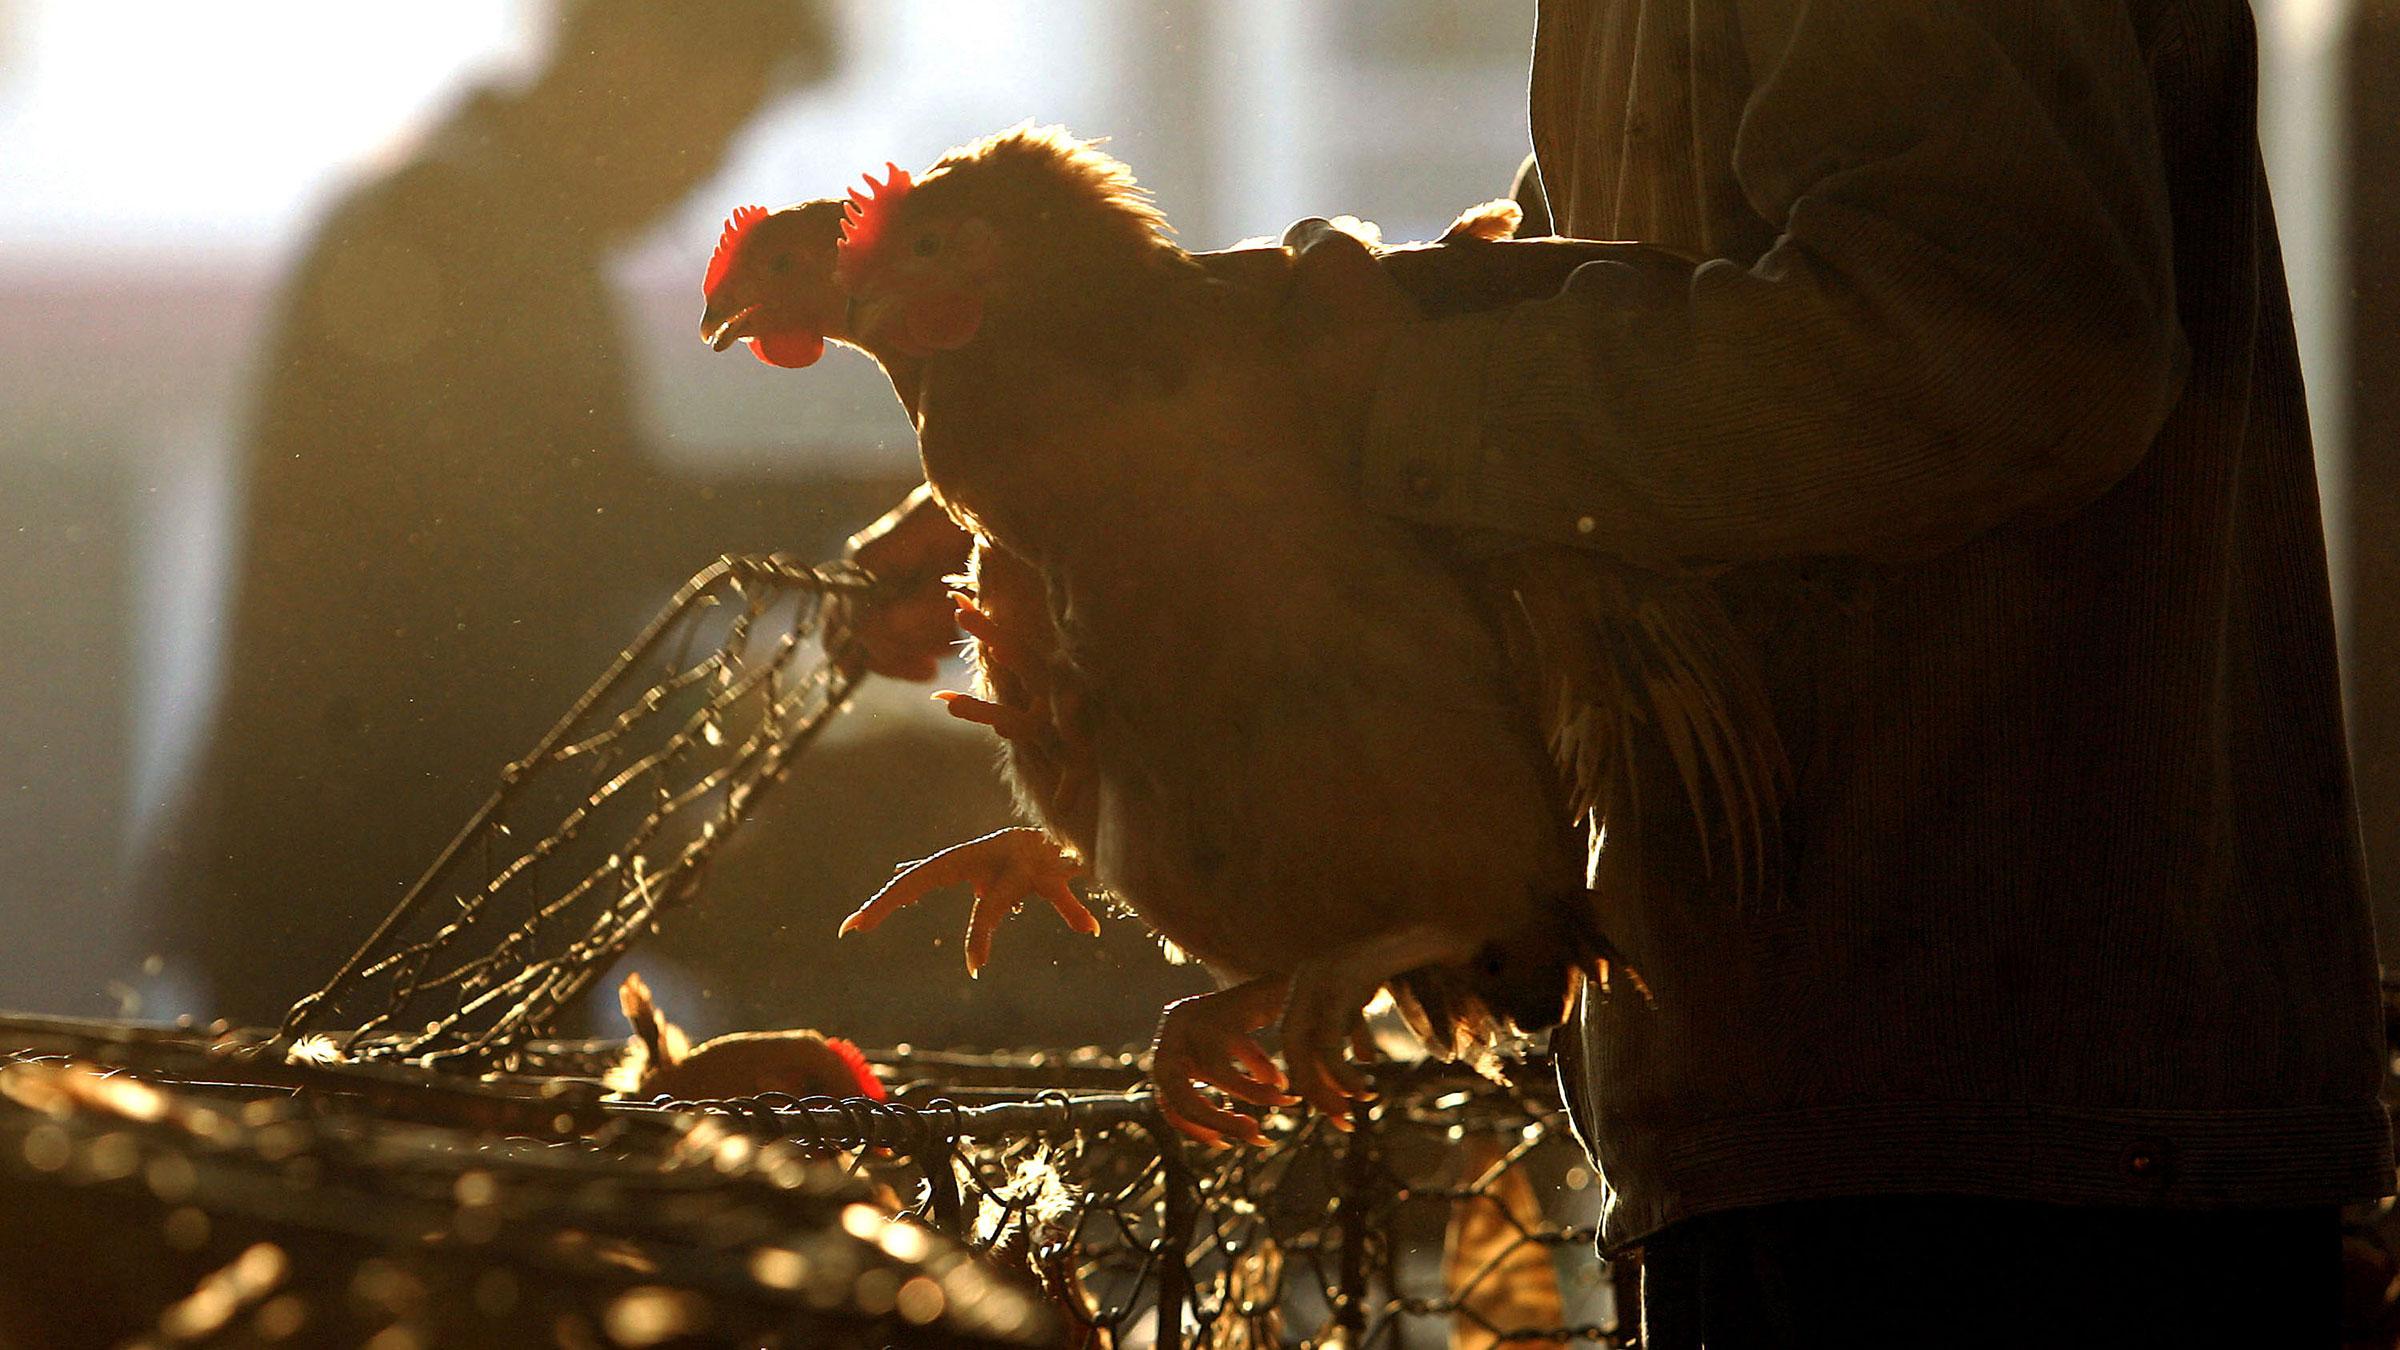 Chicken Market China 11192012